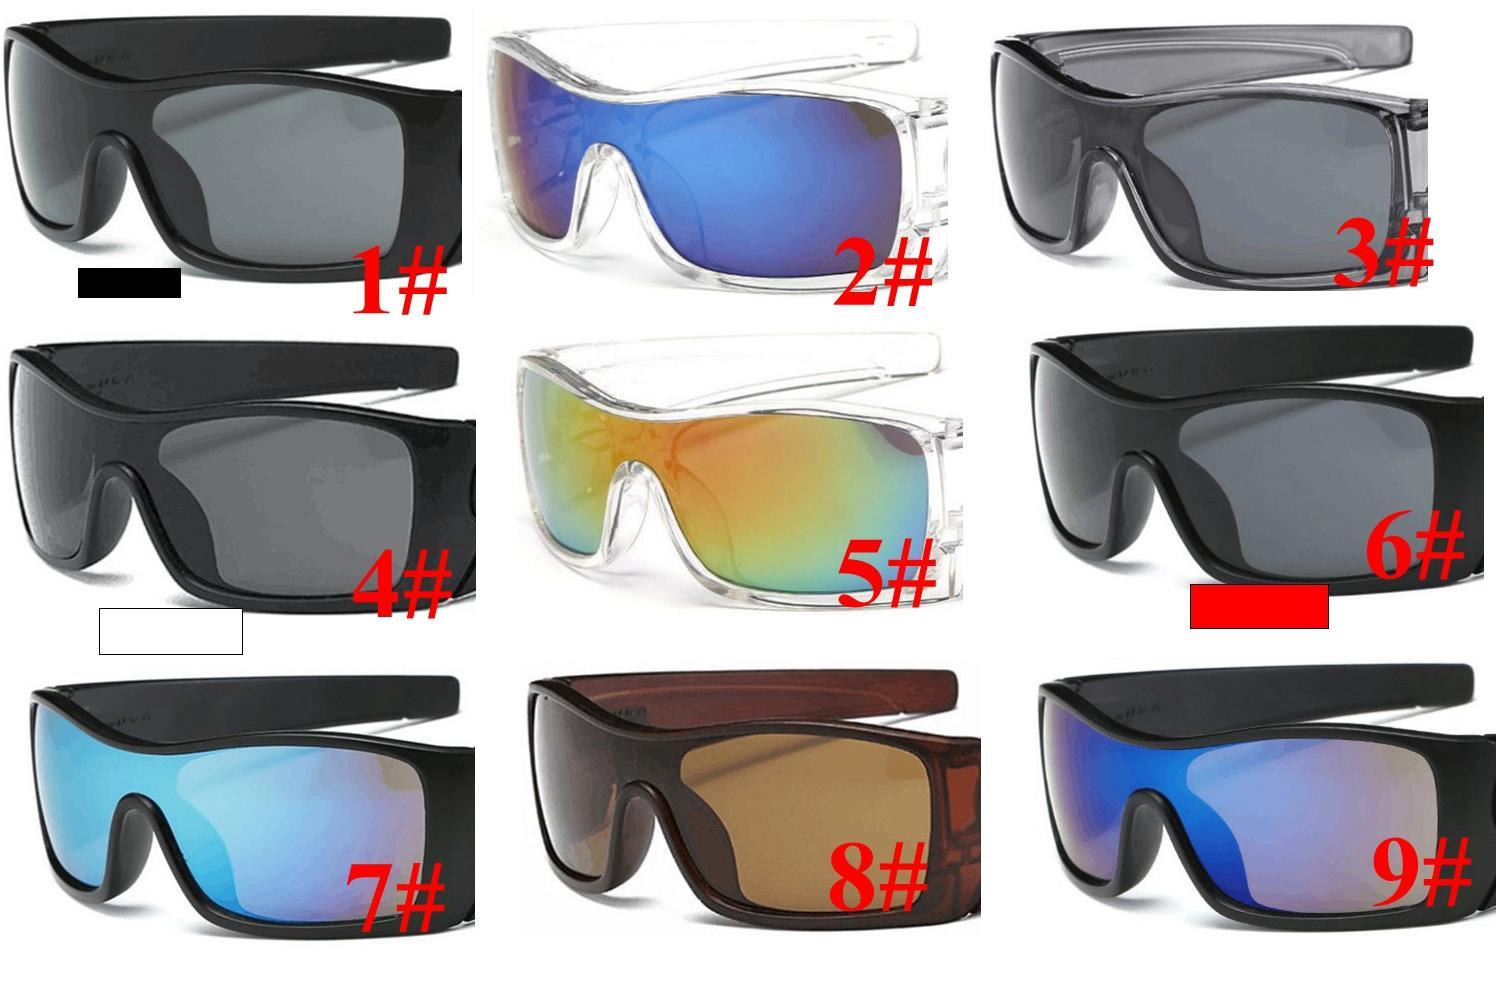 Скидка цена MOQ = 10шт. Горячие Солнцезащитные очки Мужчины Мода Спорт Мужчины Солнцезащитные Очки Волк Новые Моды Солнцезащитные Очки Ограничено Для МРН Споры Мода